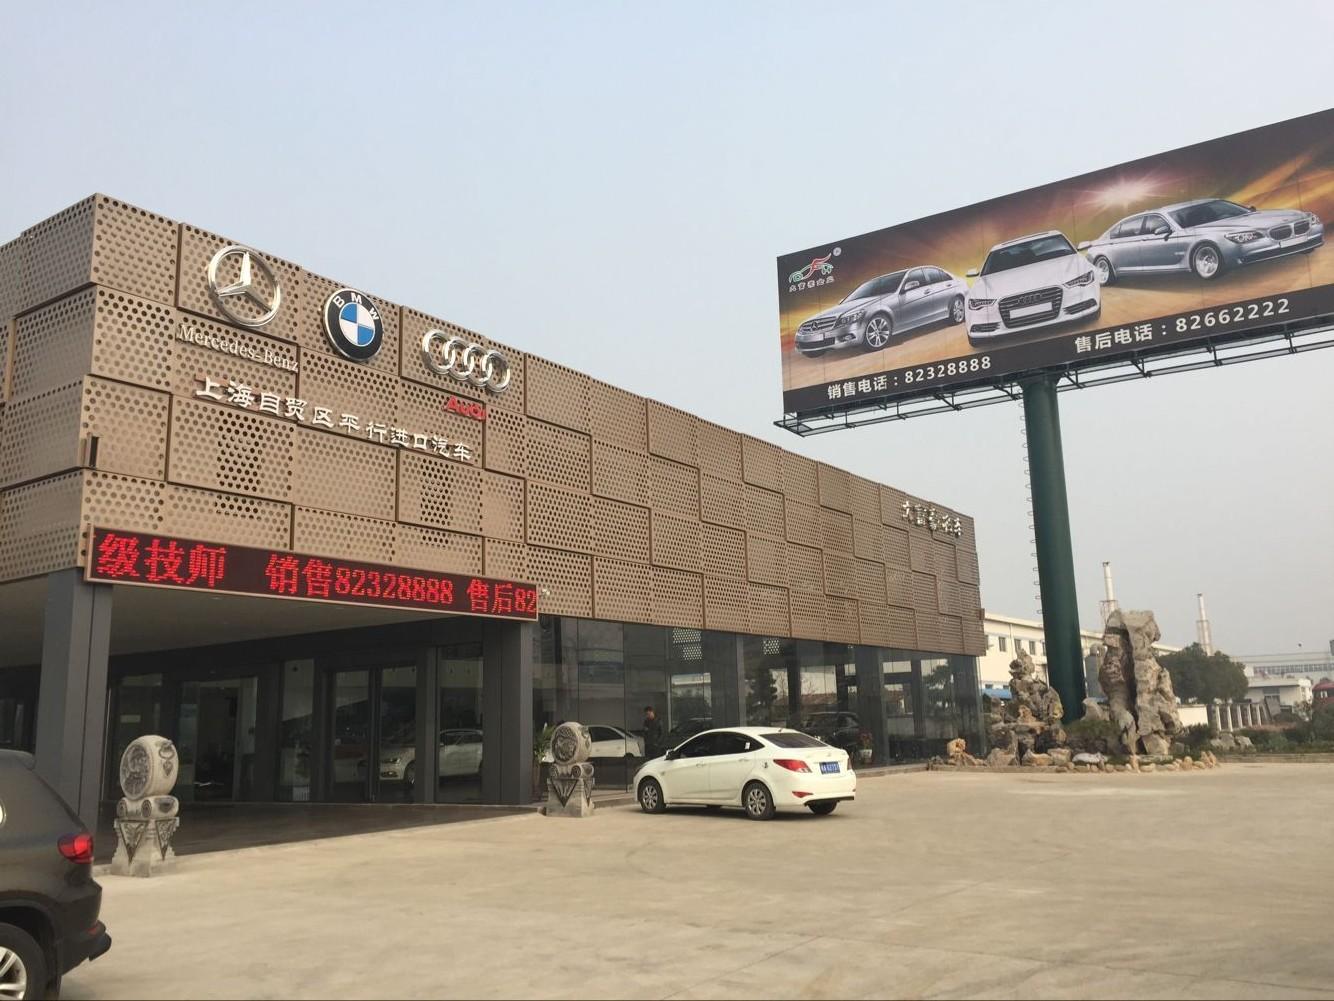 大宝马4s店v技师奔驰富豪海马专业维修技师奥迪s5外护踏板图片